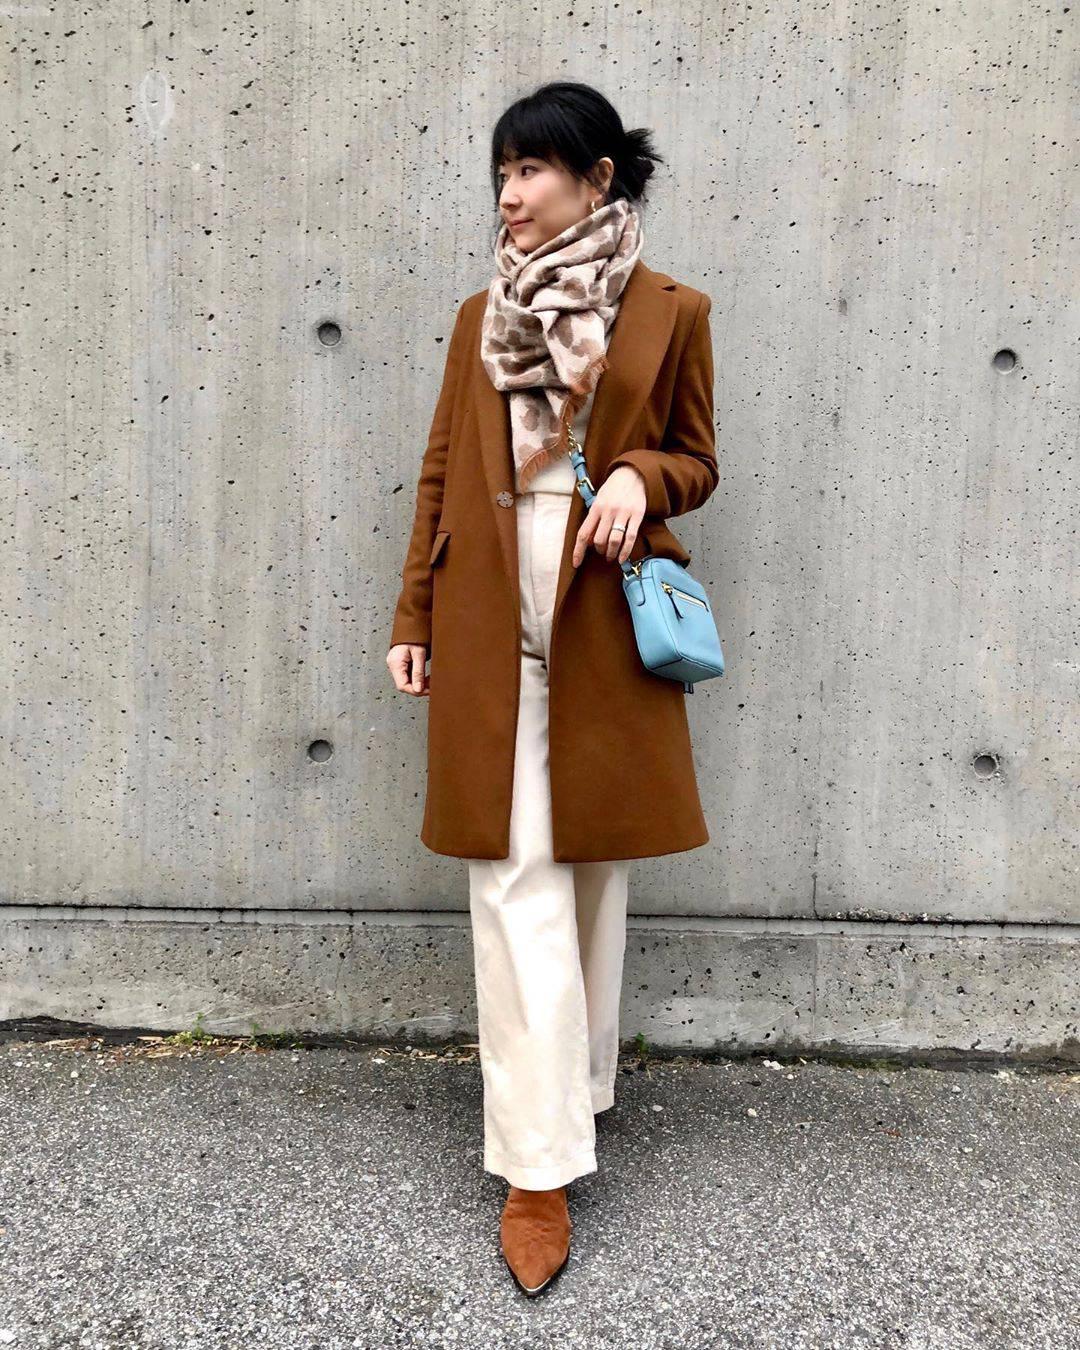 最高気温10度・最低気温3度 i.styleclosetの服装